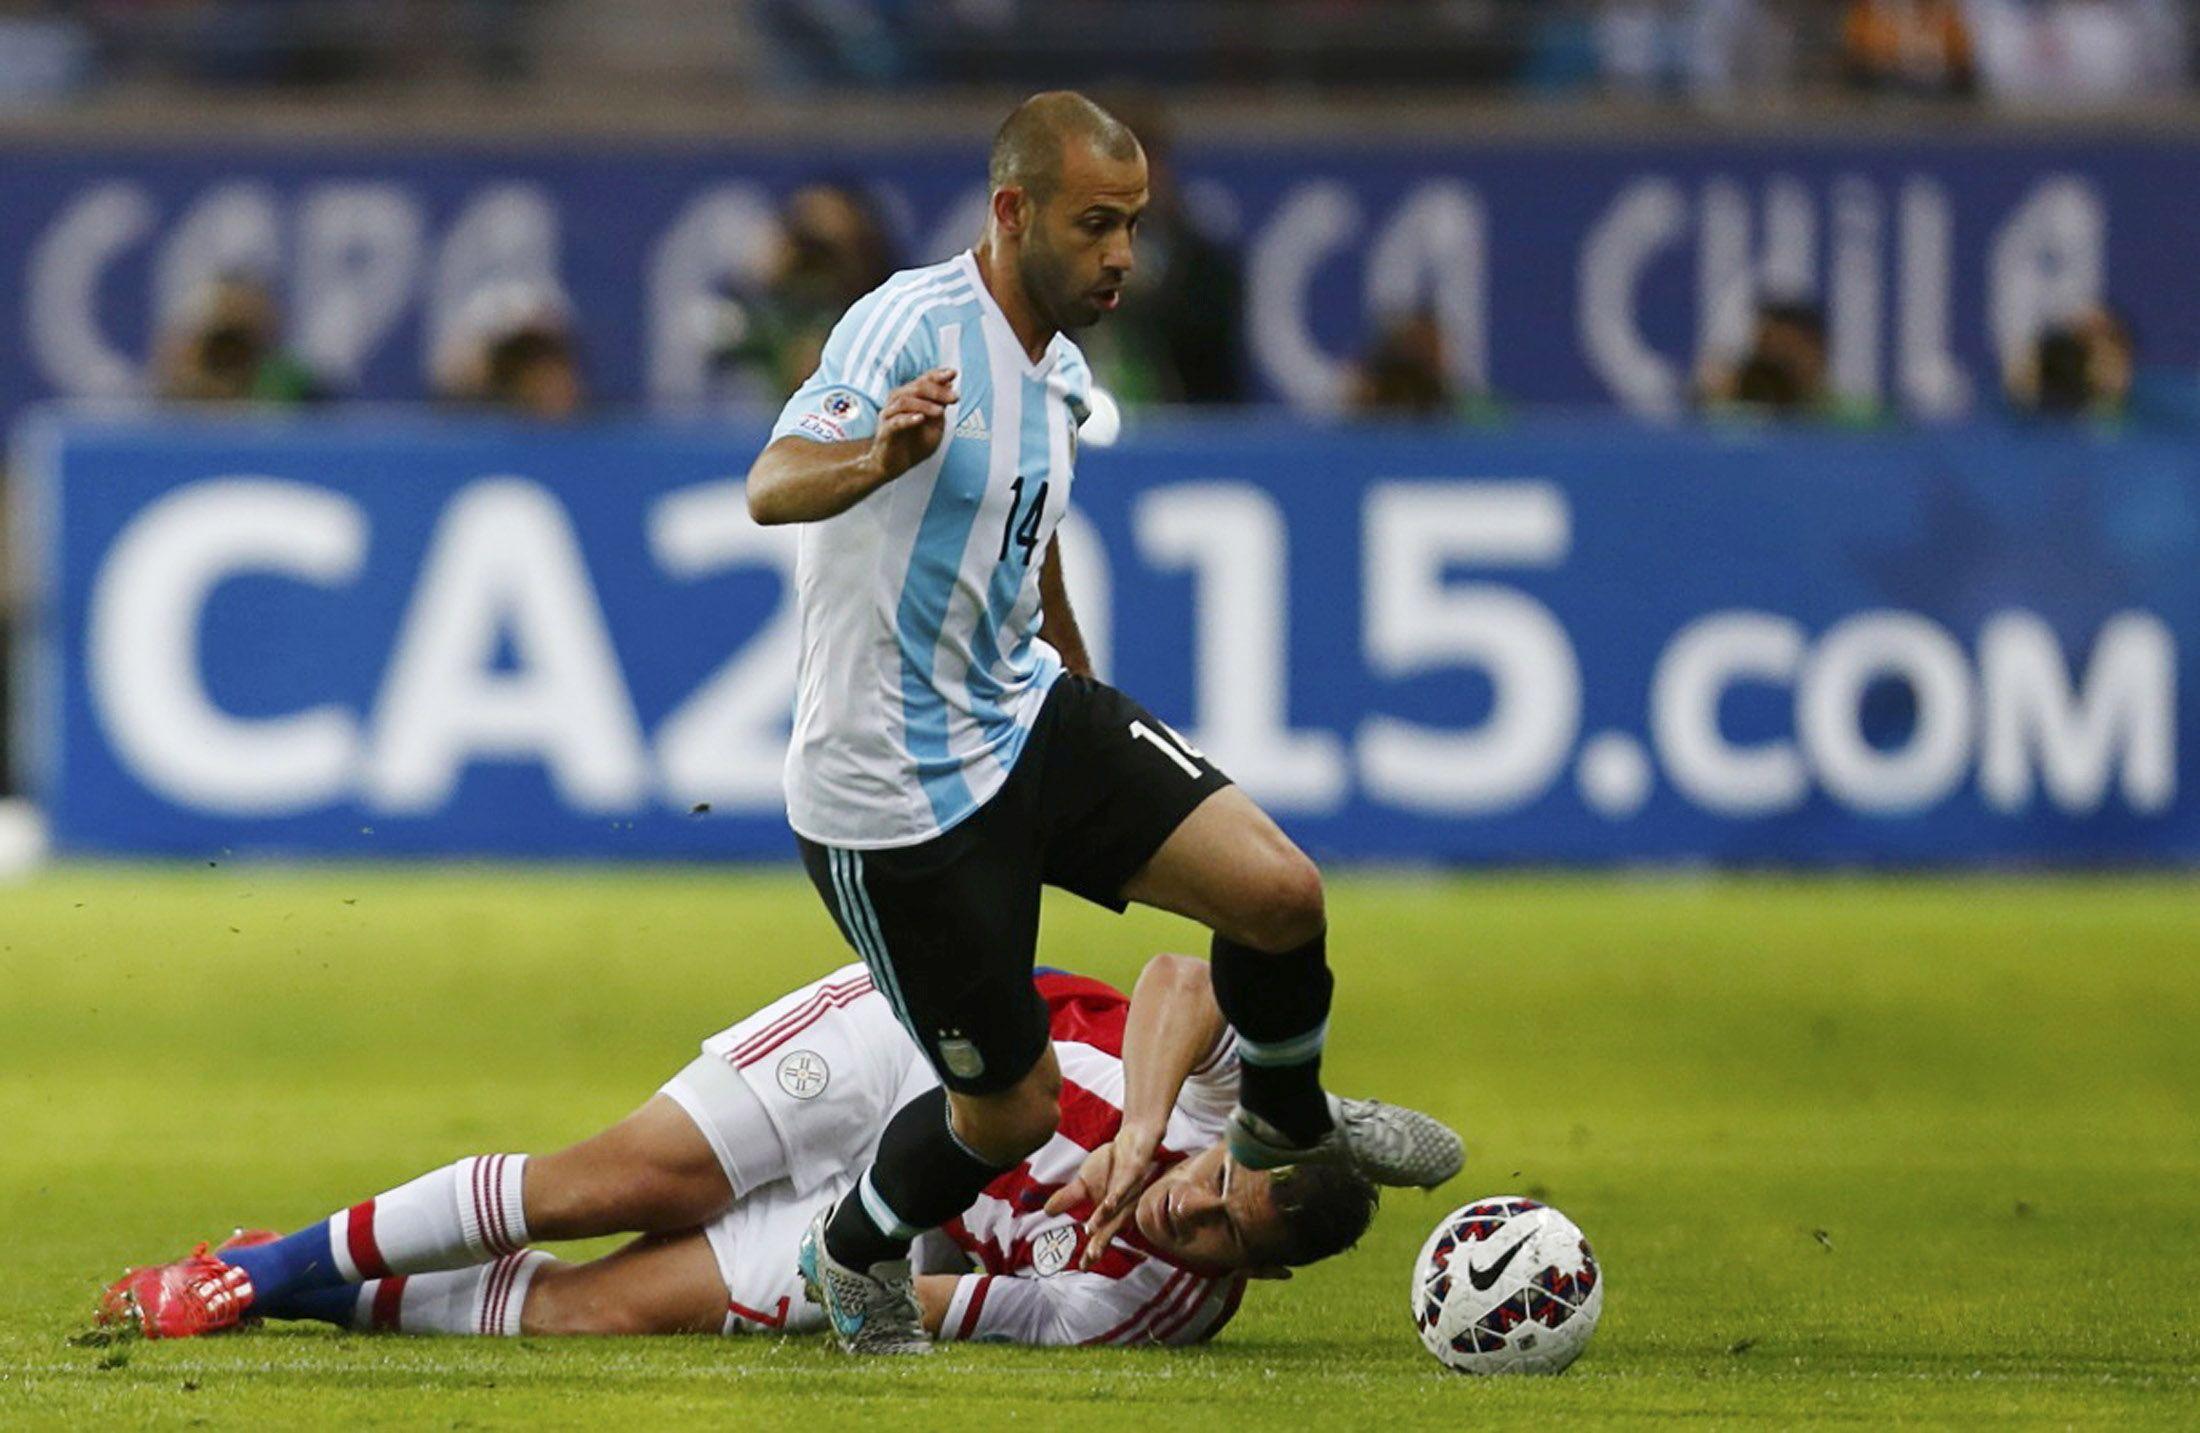 Siempre al frente. Javier Mascherano fue uno de los jugadores argentinos que más autocrítico se mostró luego del empate frente a Paraguay.